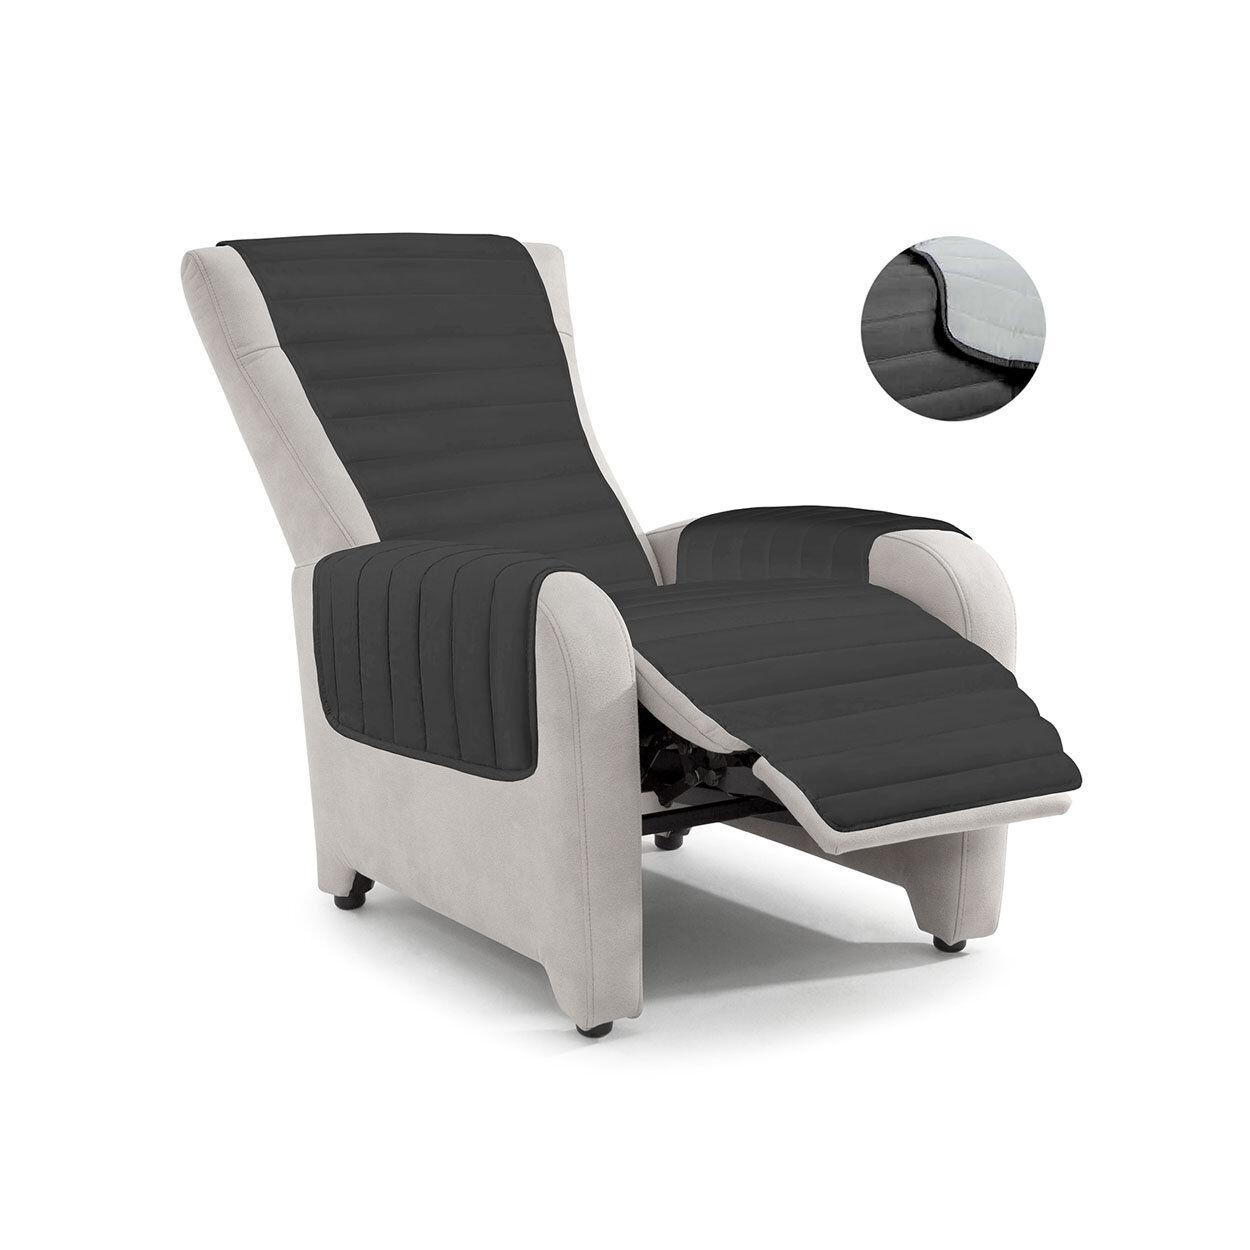 Datex Copridivani Copripoltrona trapuntato reclinabile ELEGANT grigio chiaro / grigio scuro